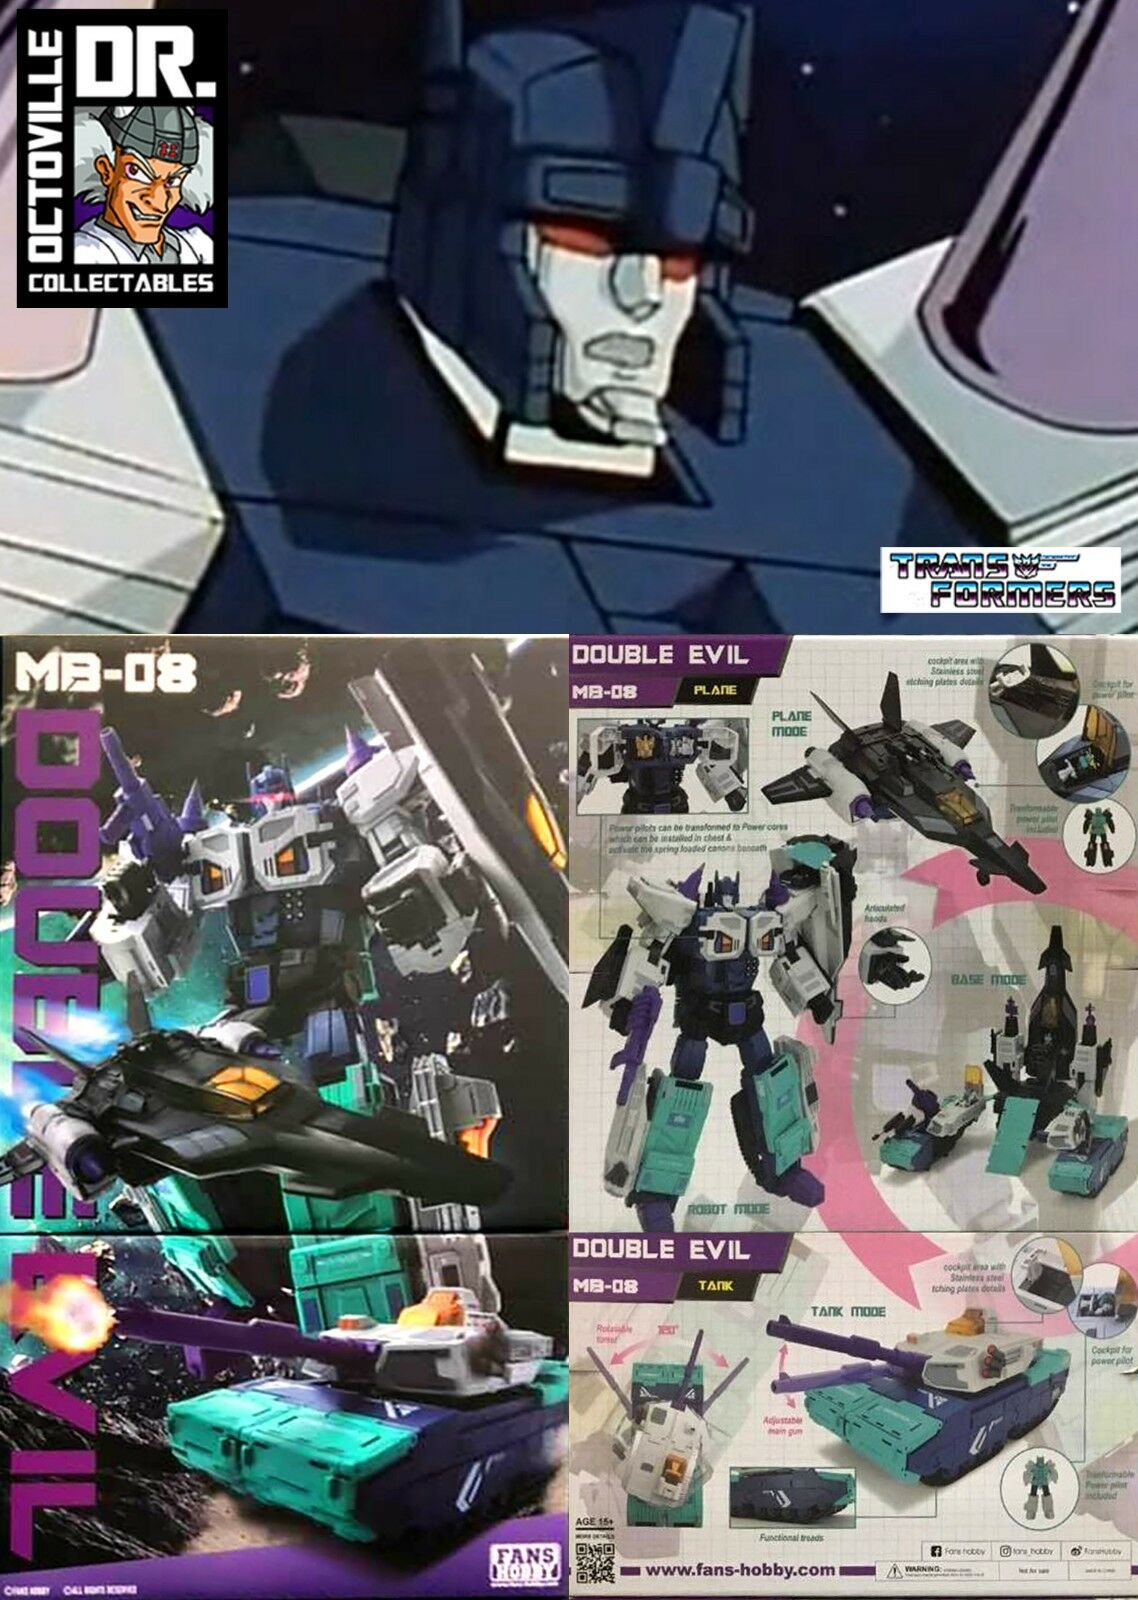 moda Transformers obra maestra Fans Fans Fans Hobby MB-08 doble mal MP Overlord Nuevo  opciones a bajo precio